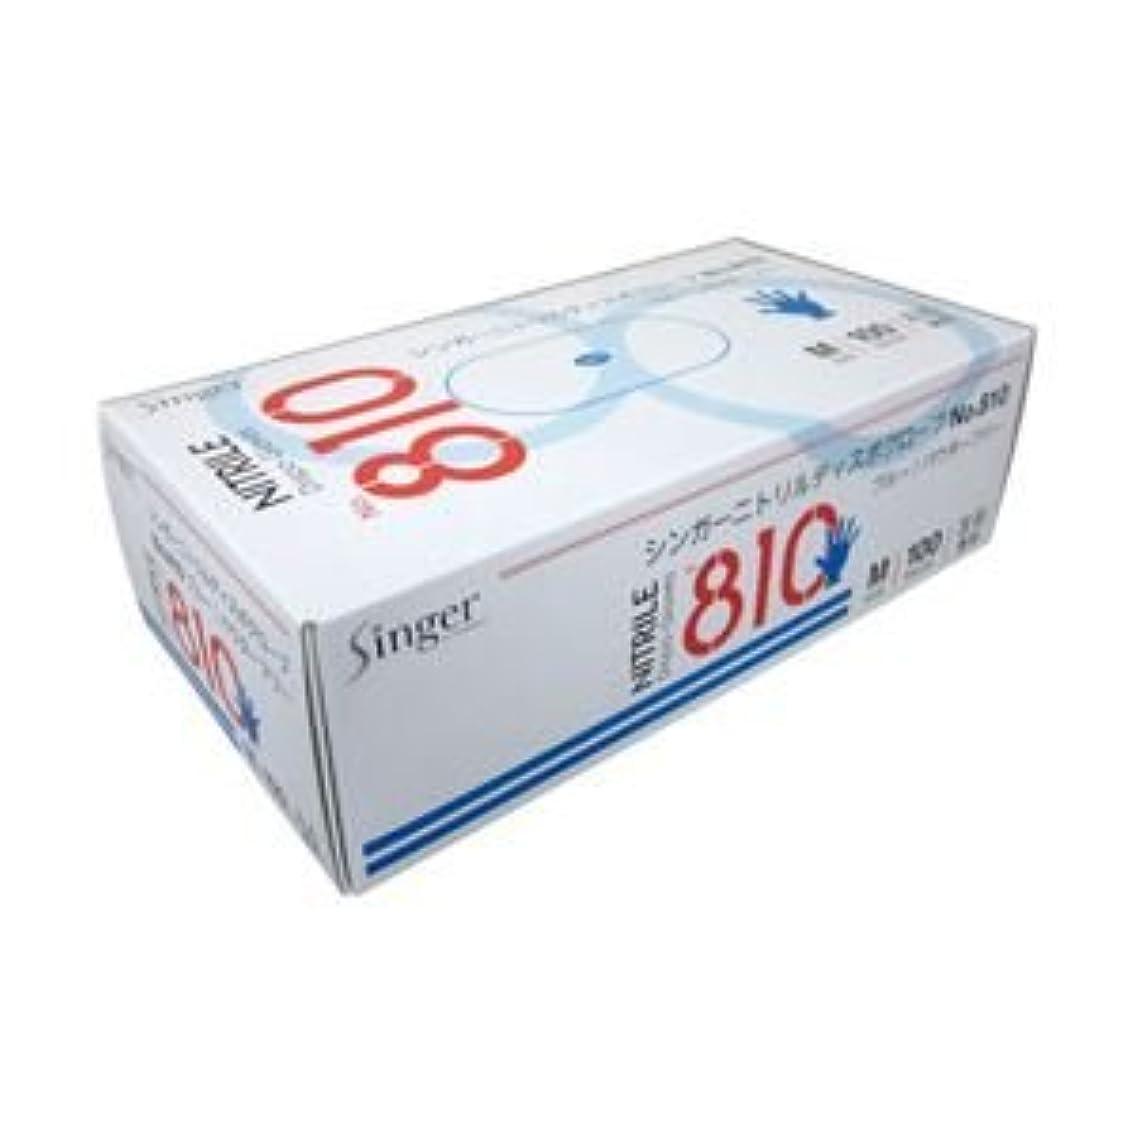 ブレンド賞賛する構想する宇都宮製作 ニトリル手袋 粉なし ブルー M 1箱(100枚) ×5セット